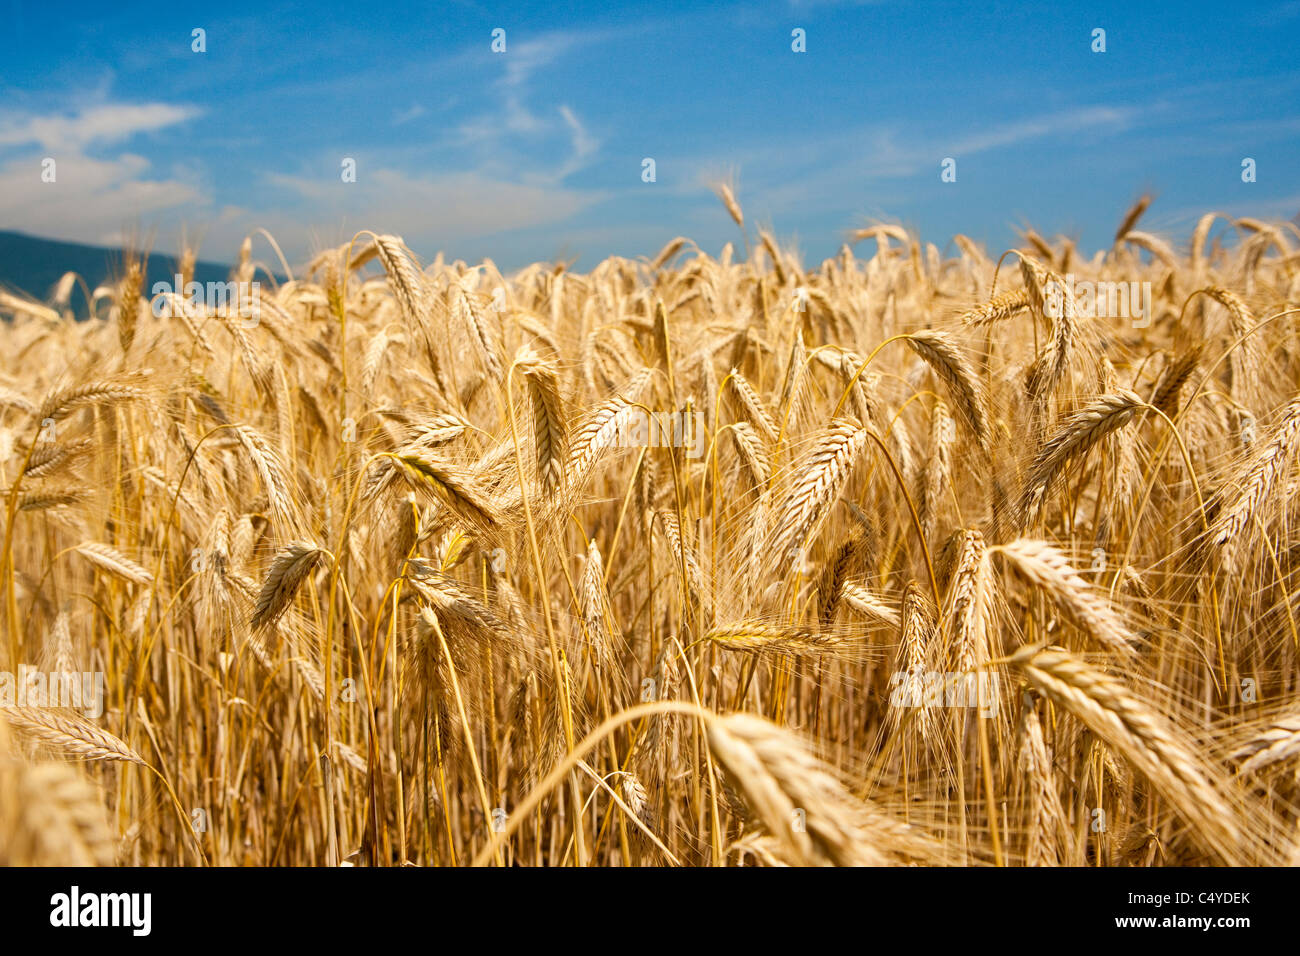 Einem abfallenden Hügel, bedeckt von einem Weizenfeld, begleitet mit einem wolkenlosen Himmel Stockbild